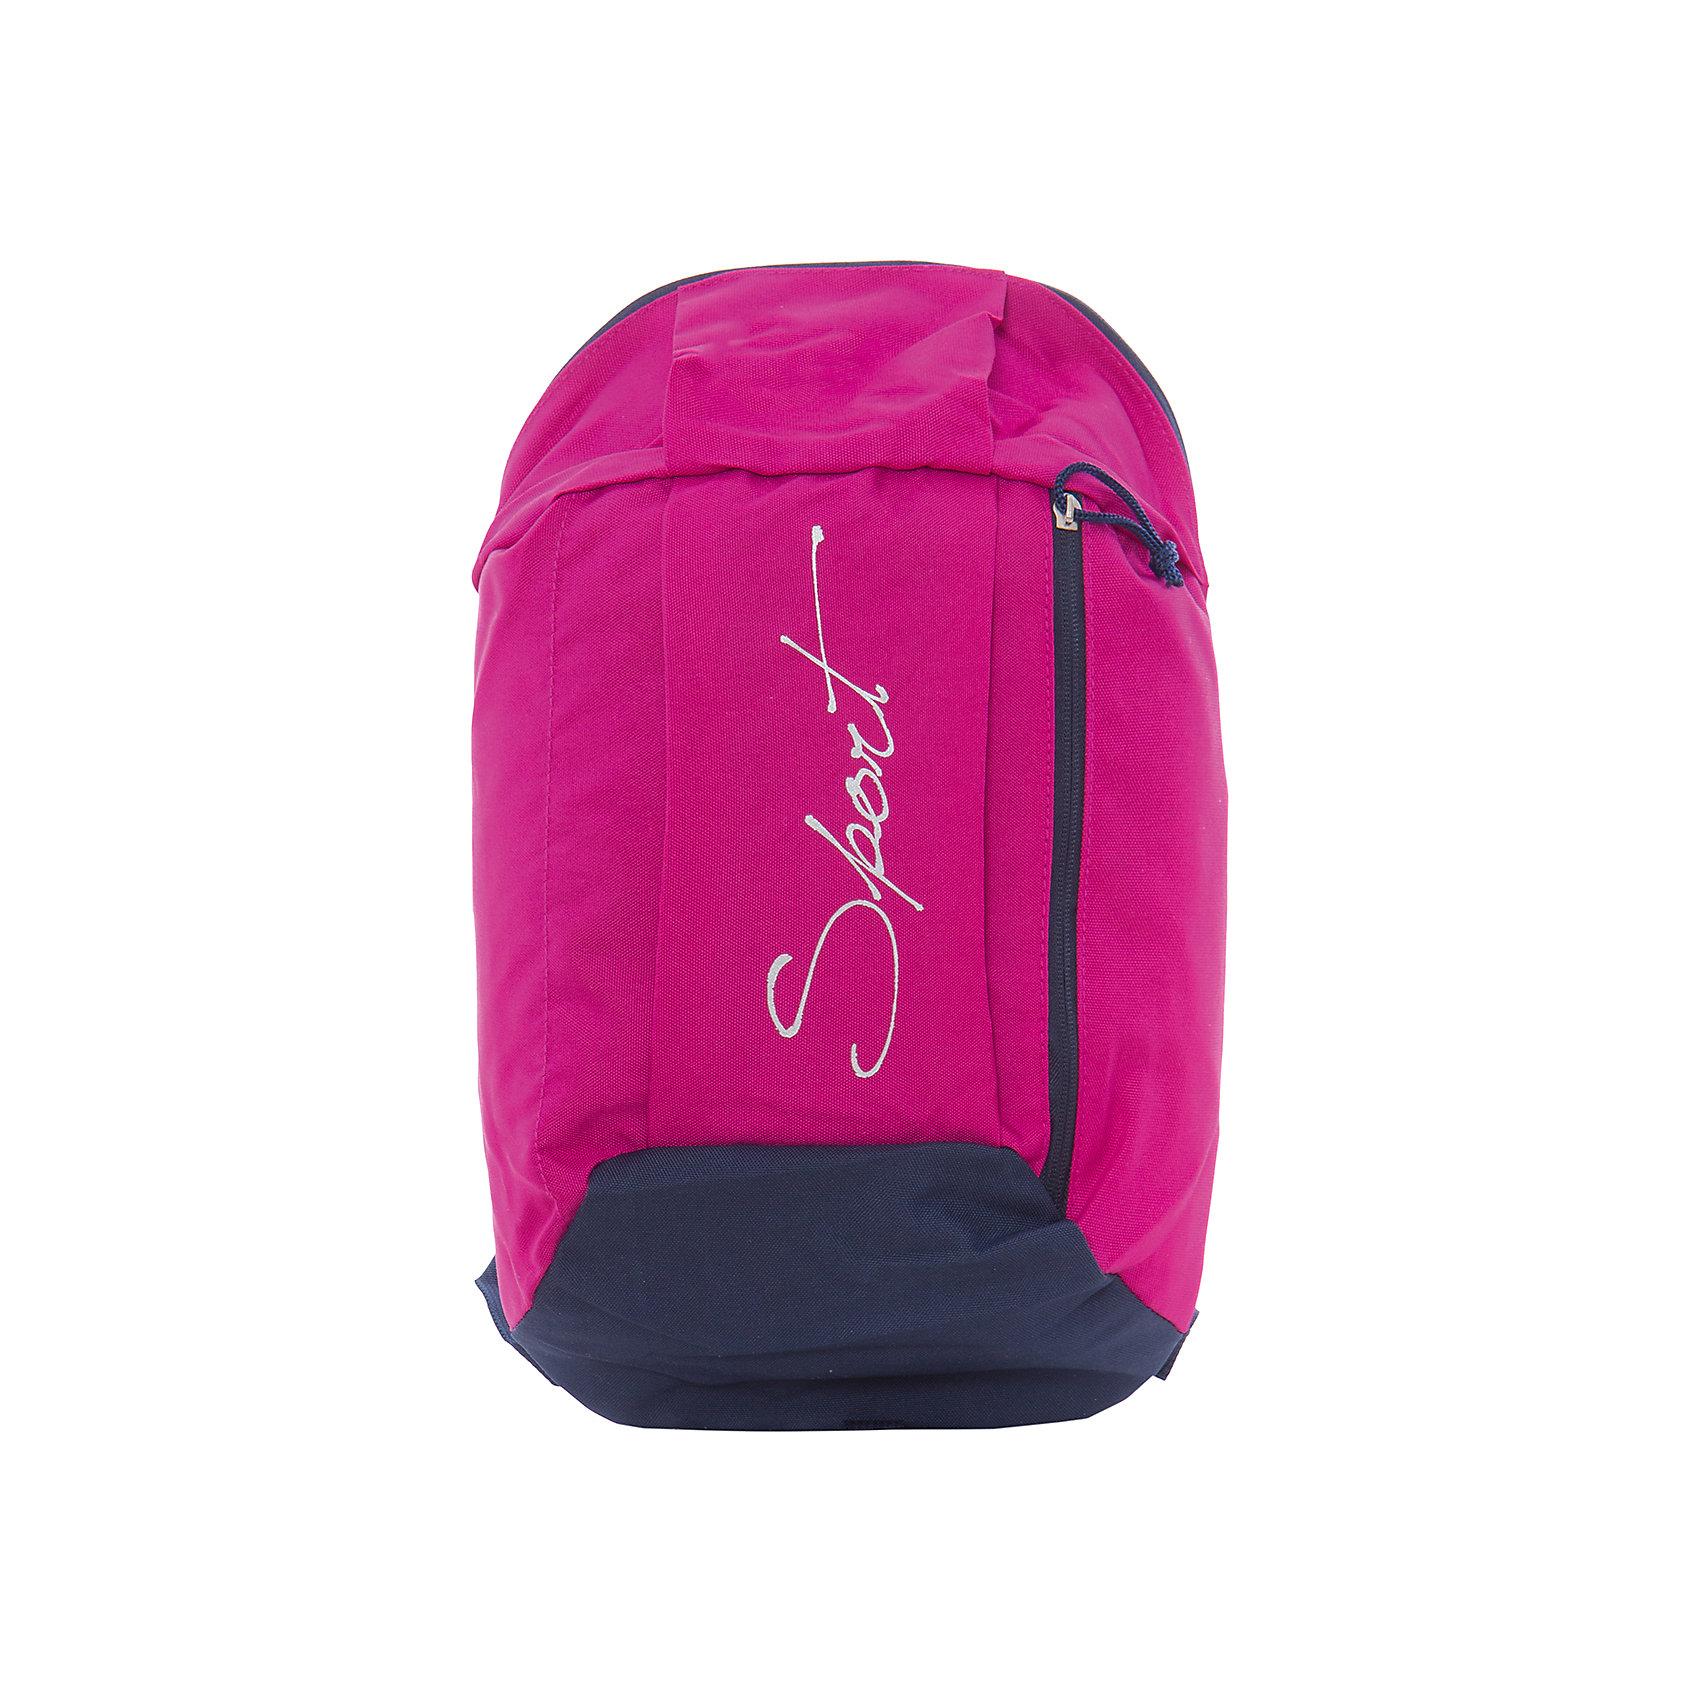 Сумка для девочки ScoolСумка для девочки Scool отлично подойдет для школы и не только.<br>Розовая яркая сумка очень вместительная для учеников младших классов. Два отделения закрываются на молнию. Прочный и легкий рюкзак можно носить как сумку на одном плече. Сумка сделана из качественного материала, не теряющего цвет. Можно стирать в машине.<br><br>Дополнительная информация:<br><br>- материал: 100% полиэстер<br>- цвет: розовый<br><br>Сумка для девочки Scool можно купить в нашем интернет магазине.<br><br>Ширина мм: 227<br>Глубина мм: 11<br>Высота мм: 226<br>Вес г: 350<br>Цвет: разноцветный<br>Возраст от месяцев: 108<br>Возраст до месяцев: 168<br>Пол: Женский<br>Возраст: Детский<br>Размер: one size<br>SKU: 4912247